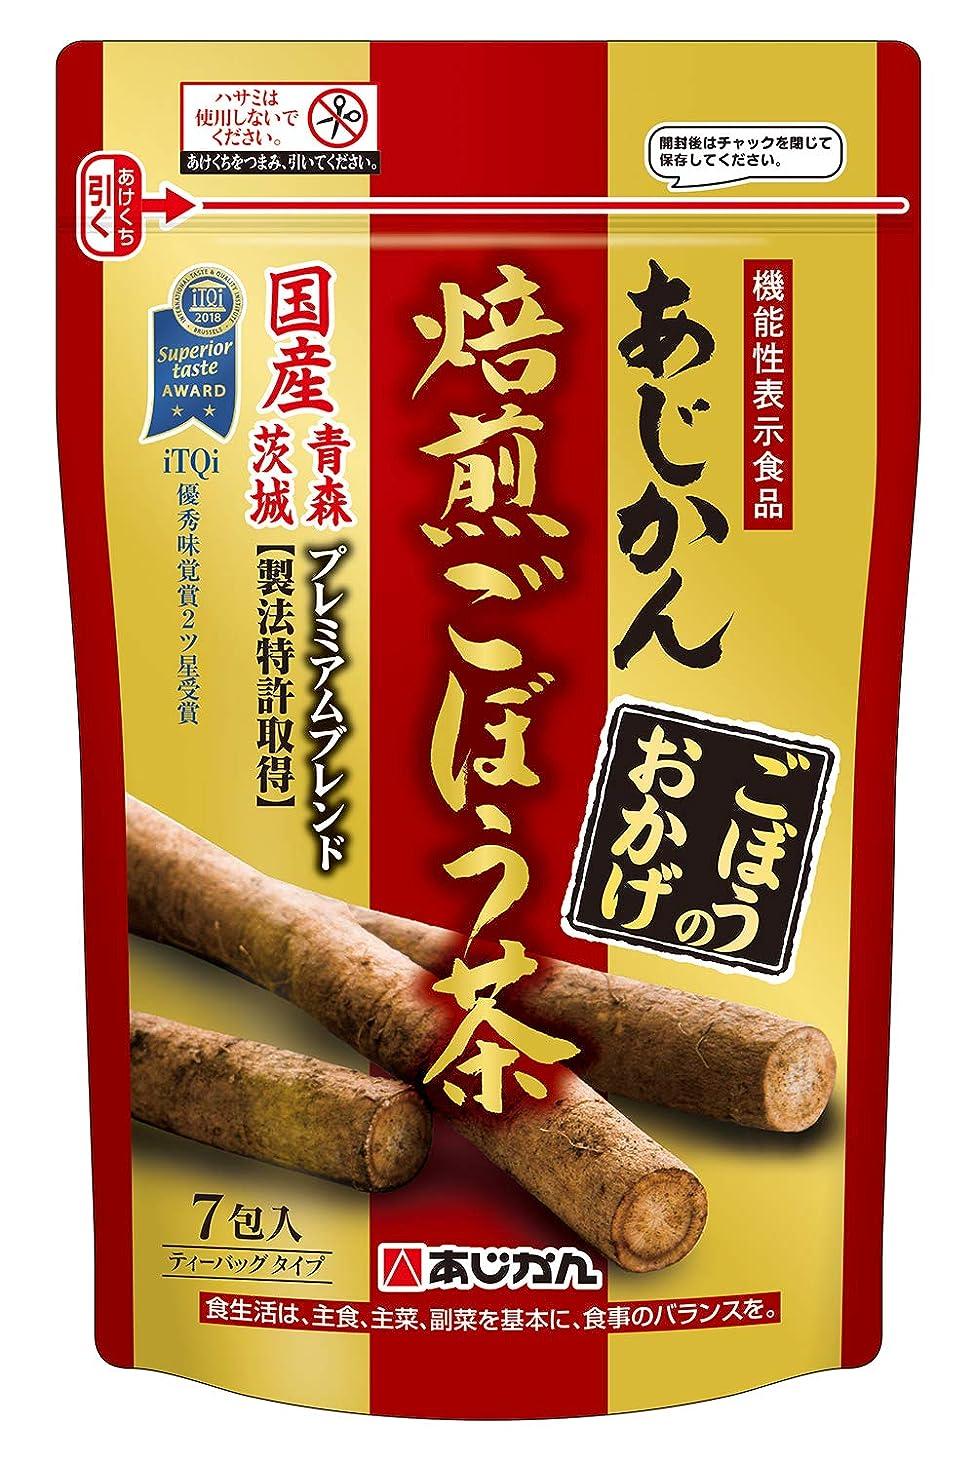 鉄有料滑る<お試しサイズ> あじかん 機能性表示食品 ごぼう茶 ごぼうのおかげ 7包 (1包で1.2L分/1袋で約8.4L分)